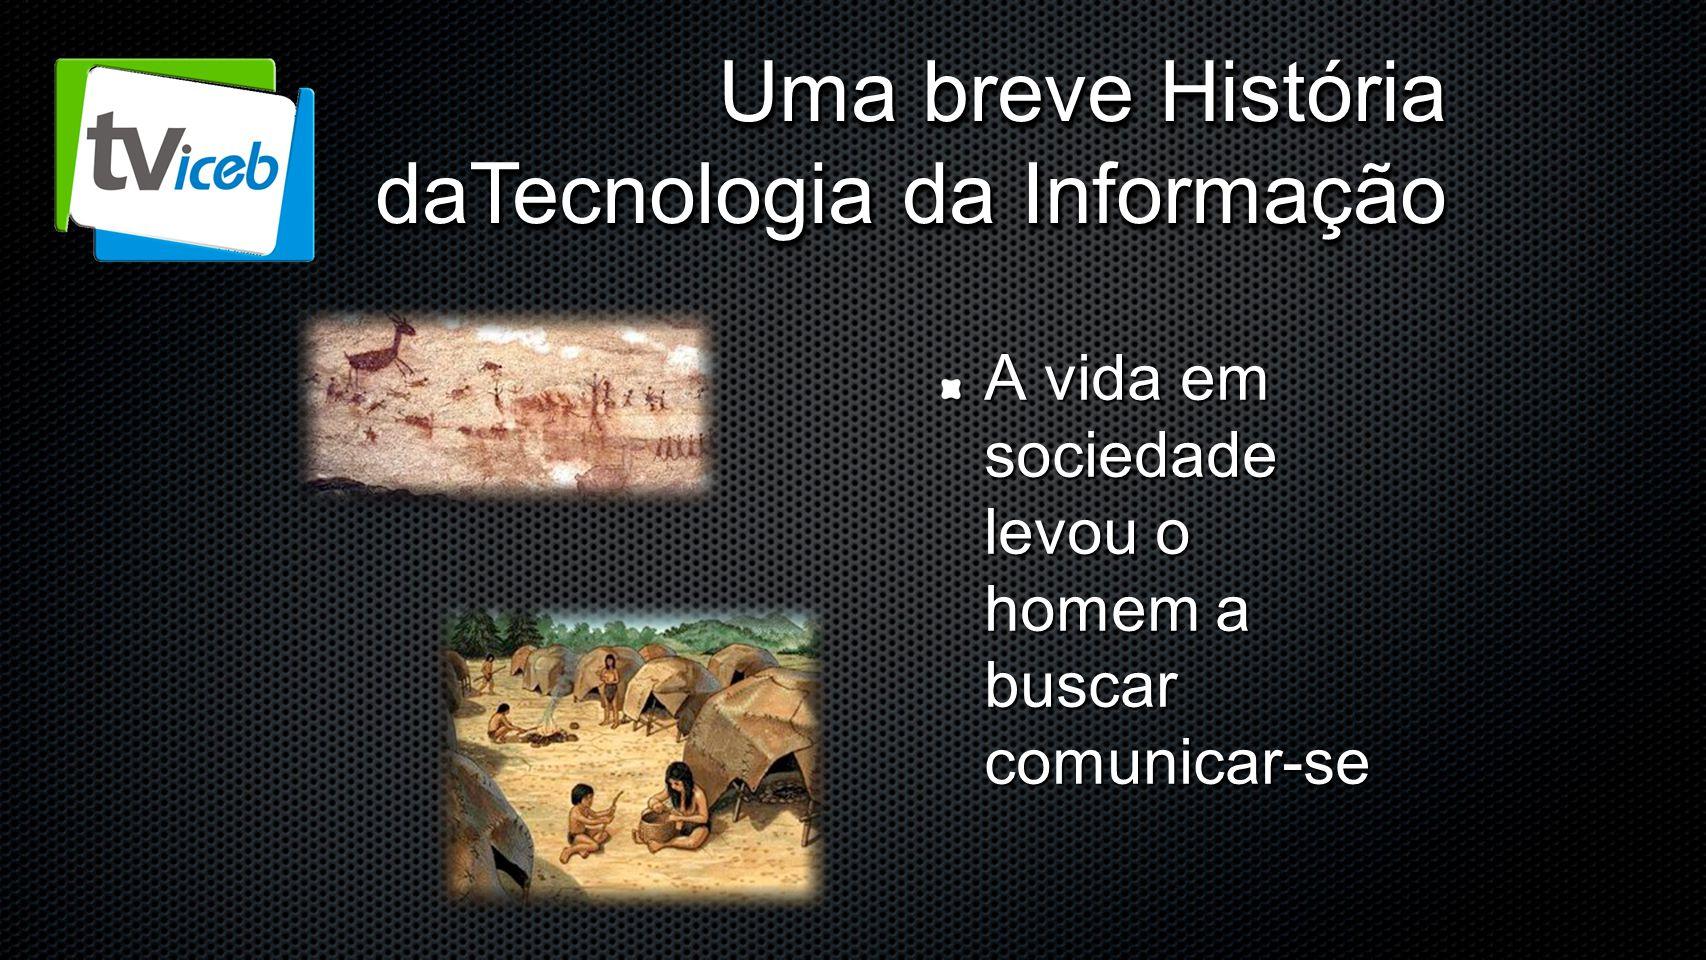 Uma breve História daTecnologia da Informação A vida em sociedade levou o homem a buscar comunicar-se